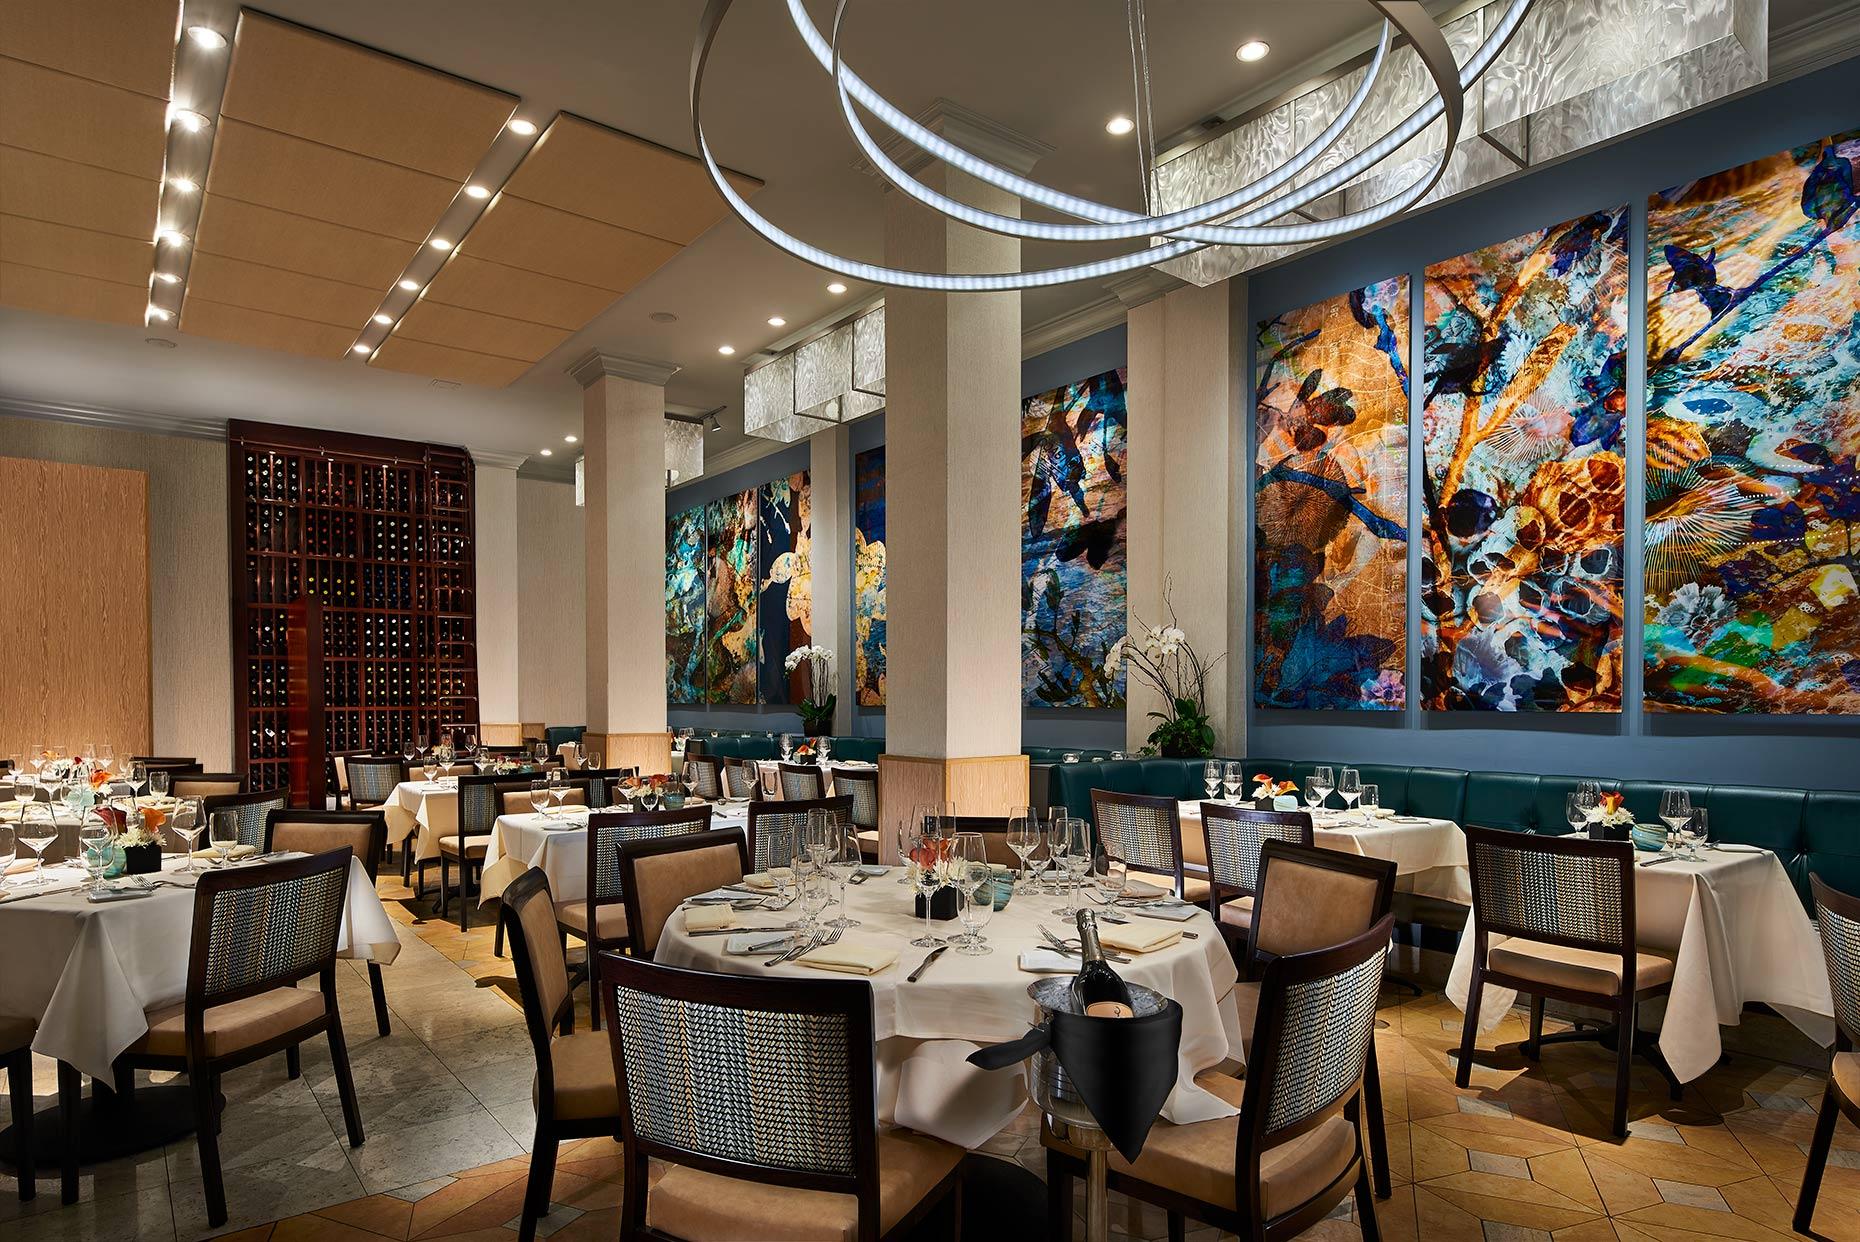 Dining room at NINE-TEN La Jolla restaurant.